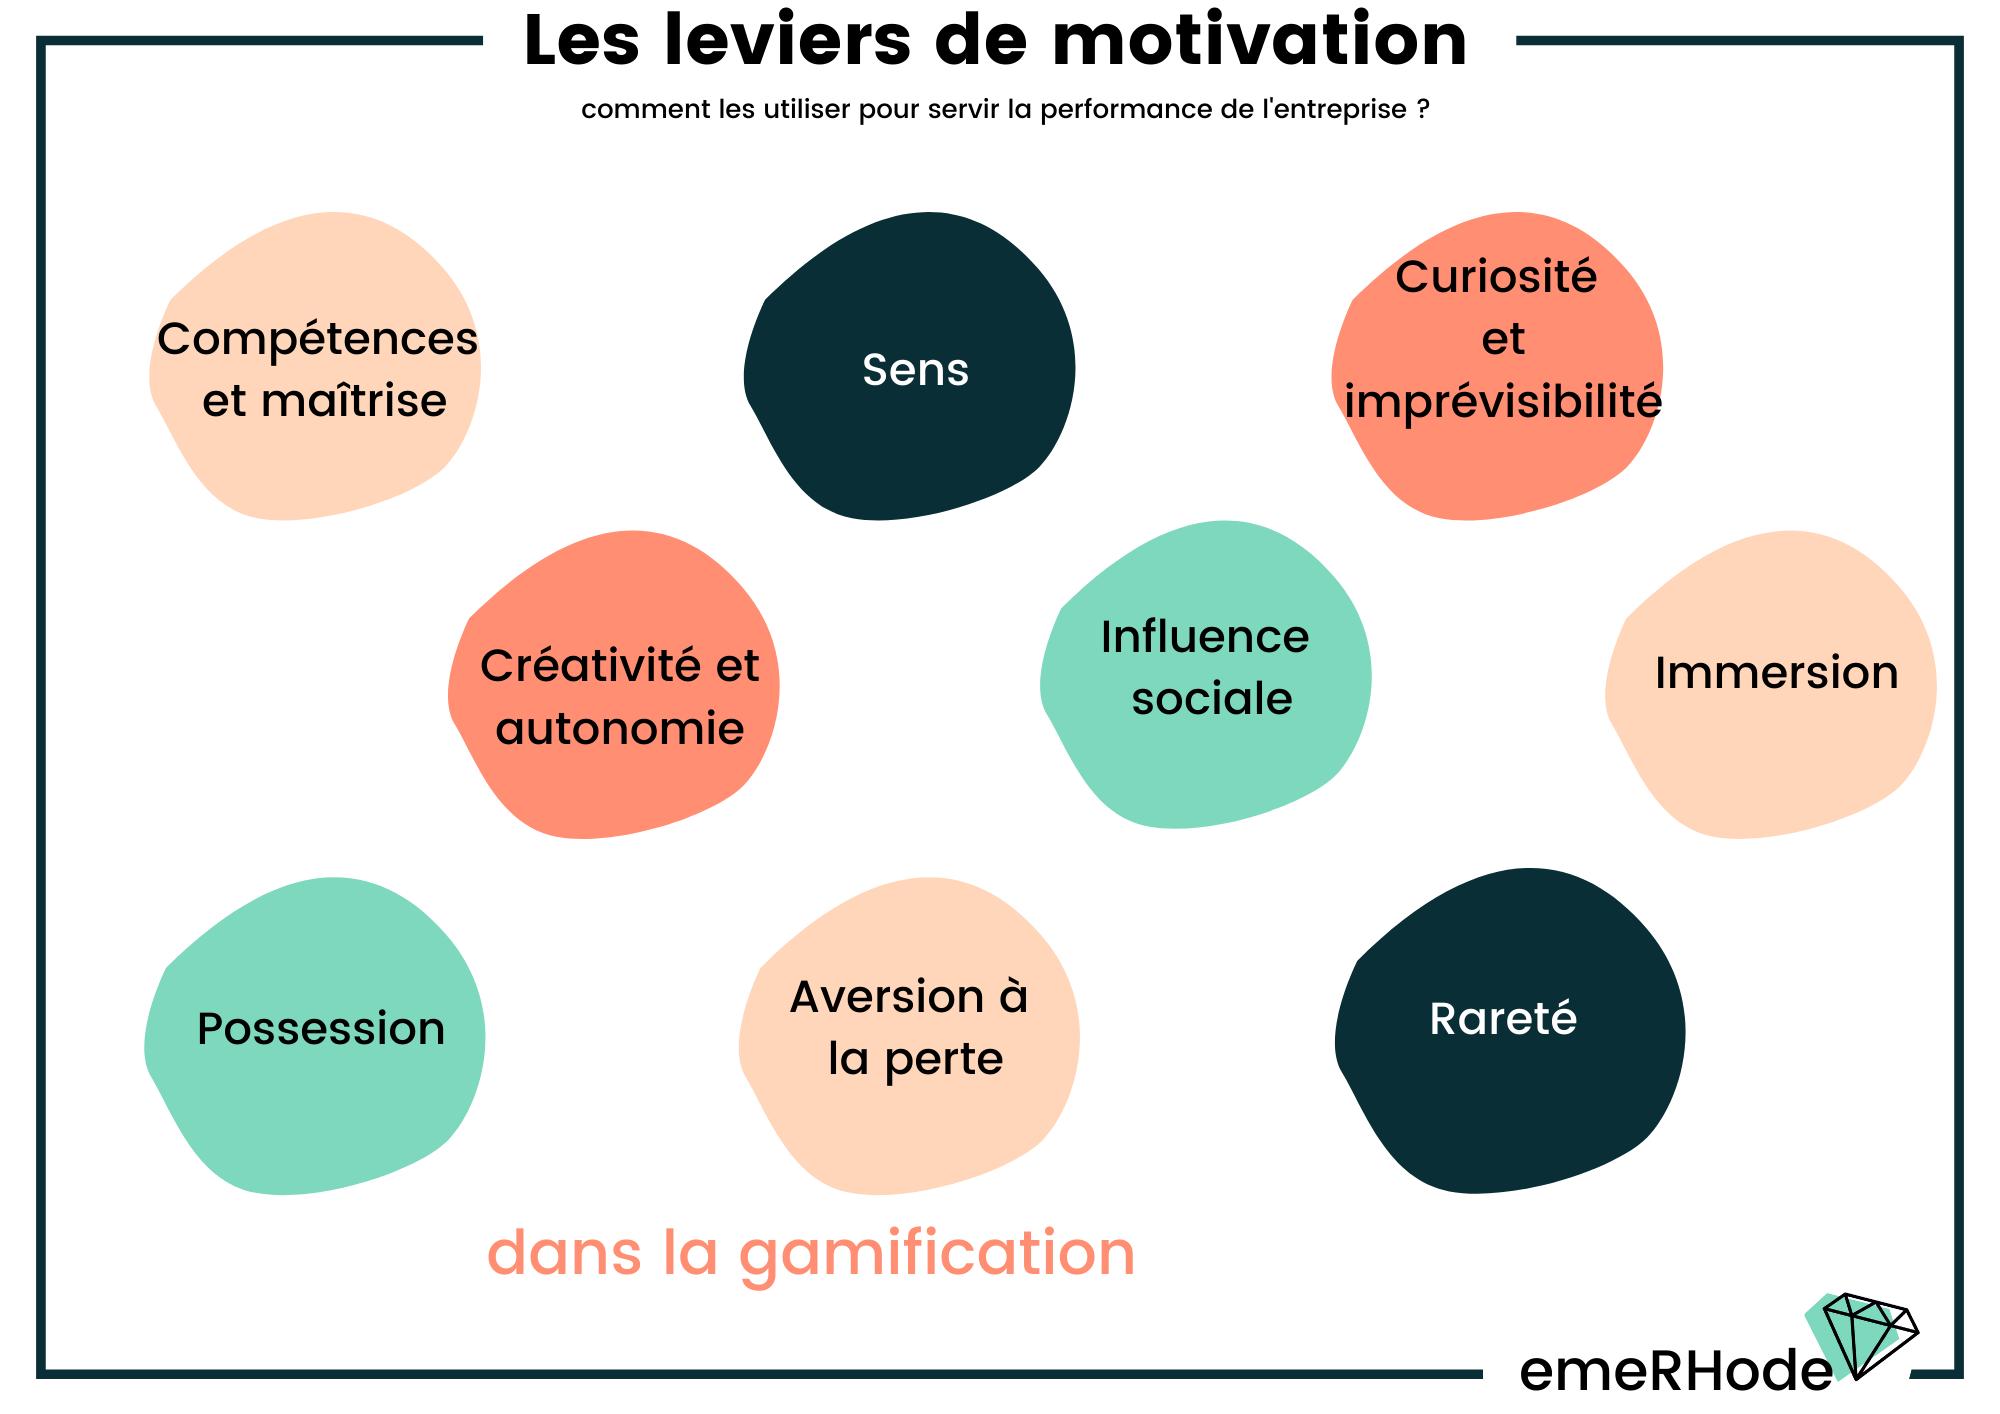 Leviers de motivation gamification